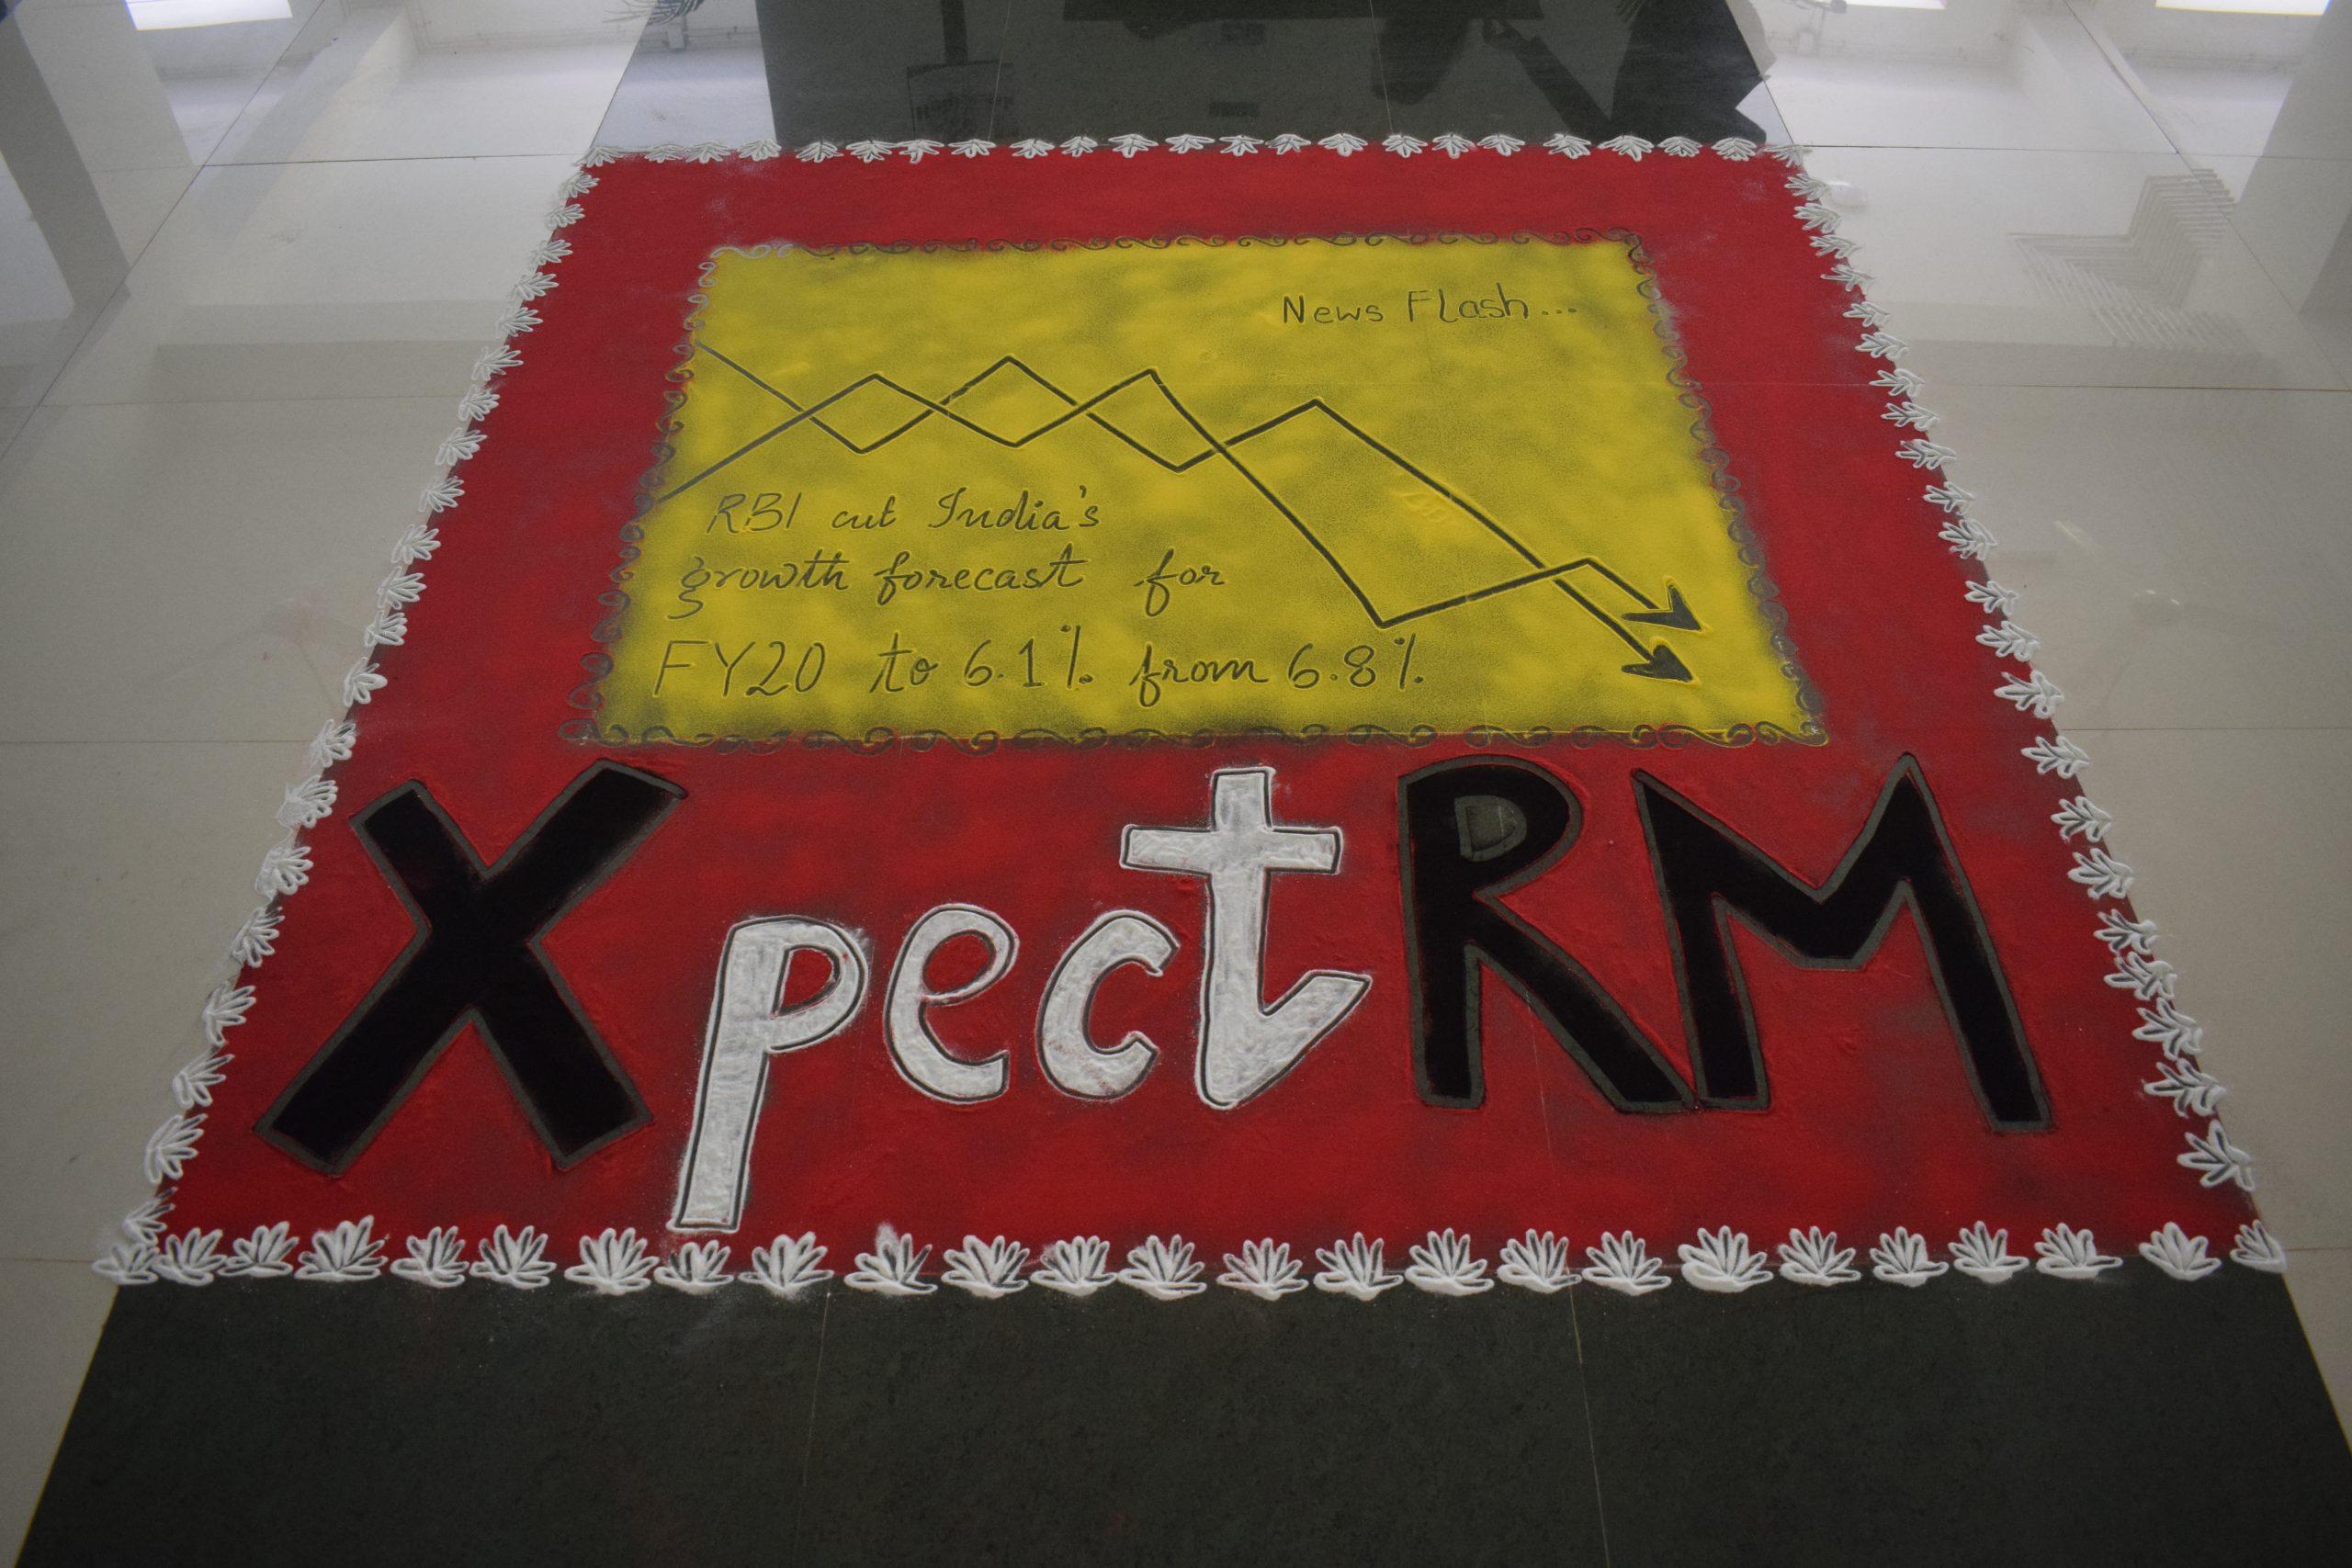 XpectRM